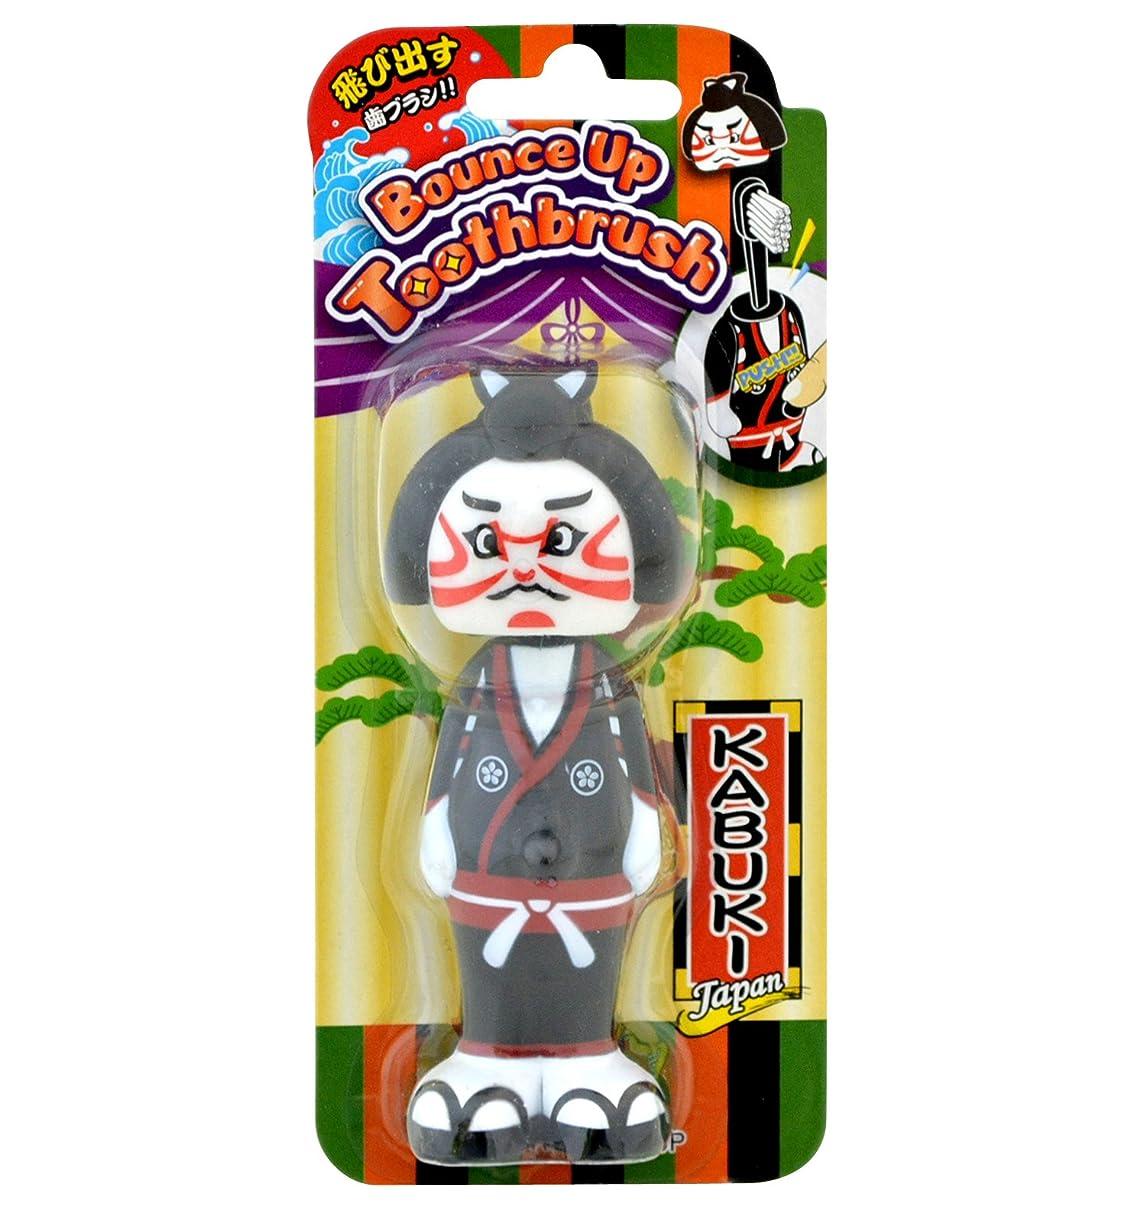 タクト線容器ユーカンパニー バウンスアップ歯ブラシ 歌舞伎 ブラック